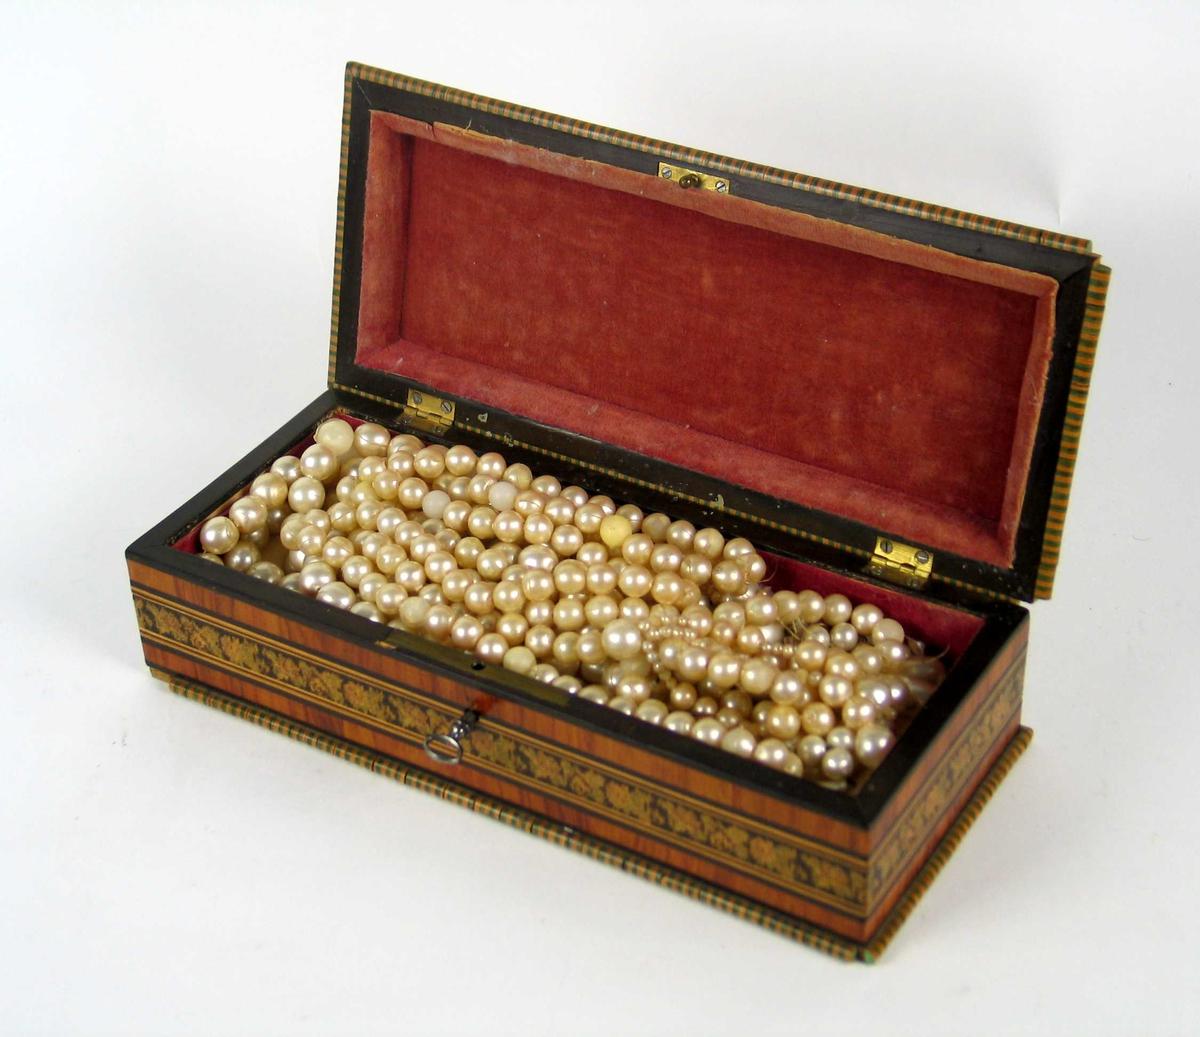 Skrin med intarsia. Lokket buer innover og har i oval et bilde av dansende figurer. Inneholder kjede med romerske perler, nål og hattenål.